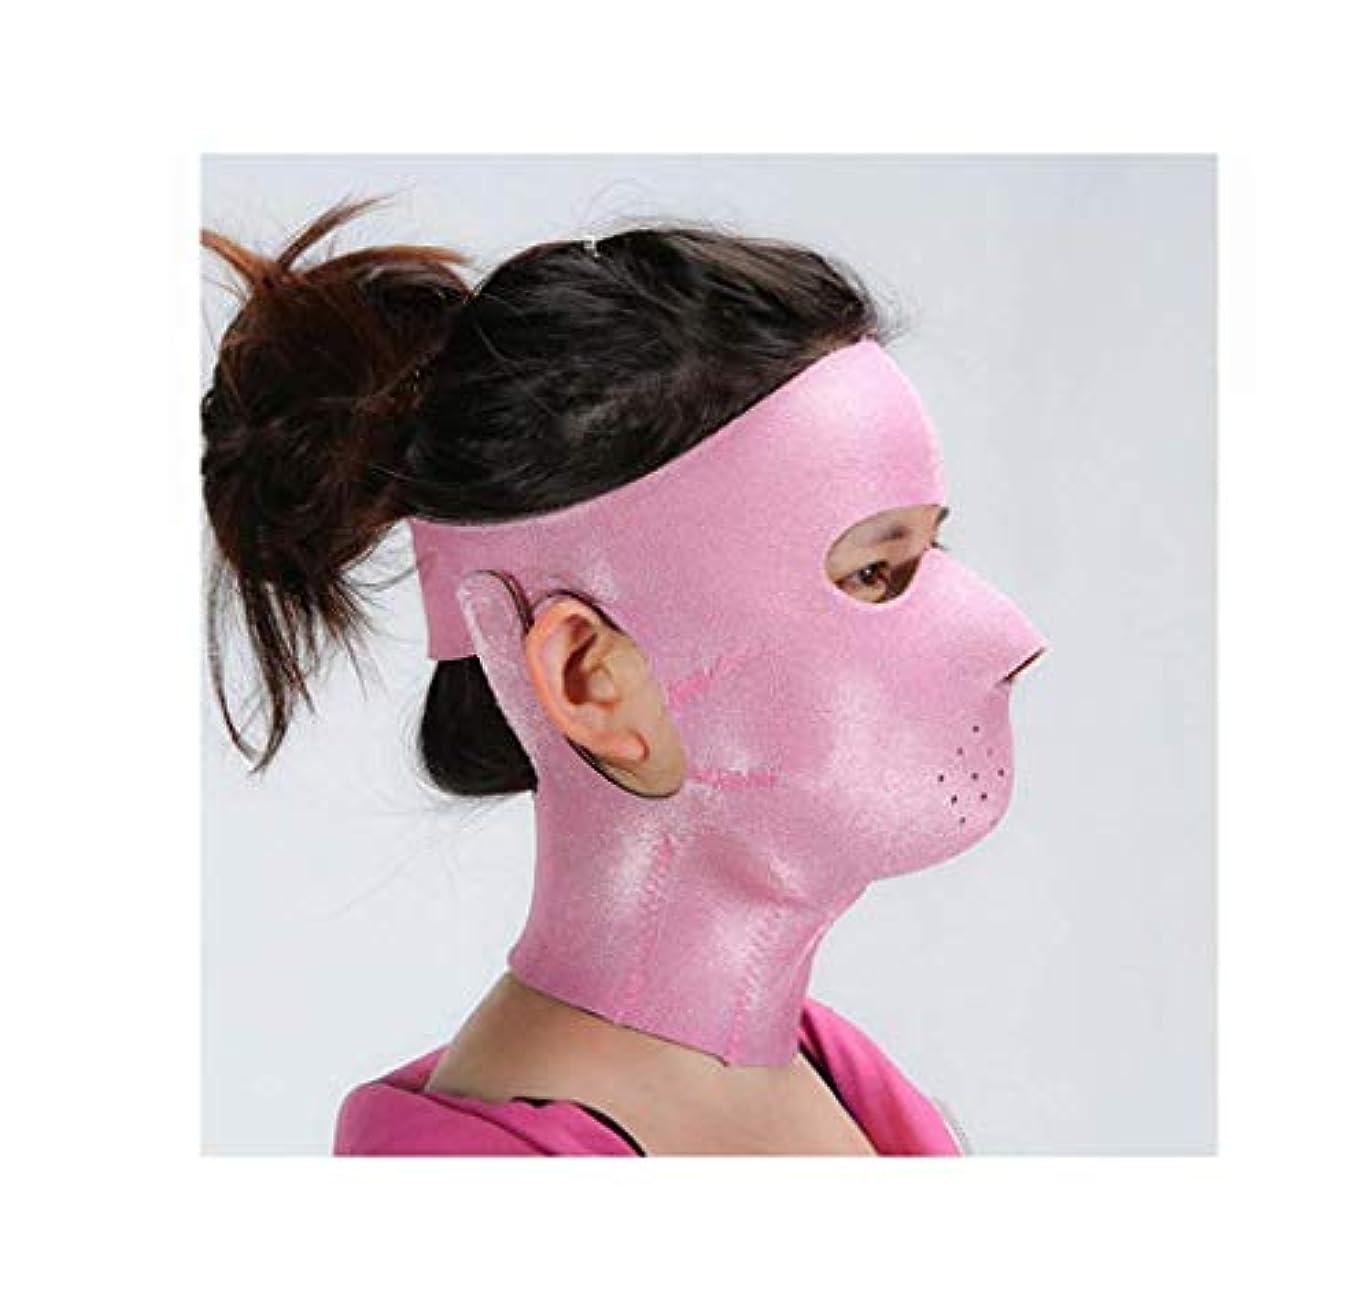 西気がついて貝殻フェイスリフトマスク、フェイシャルマスクプラス薄いフェイスマスクタイトなたるみの薄いフェイスマスクフェイシャル薄いフェイスマスクアーティファクトビューティーネックストラップ付き